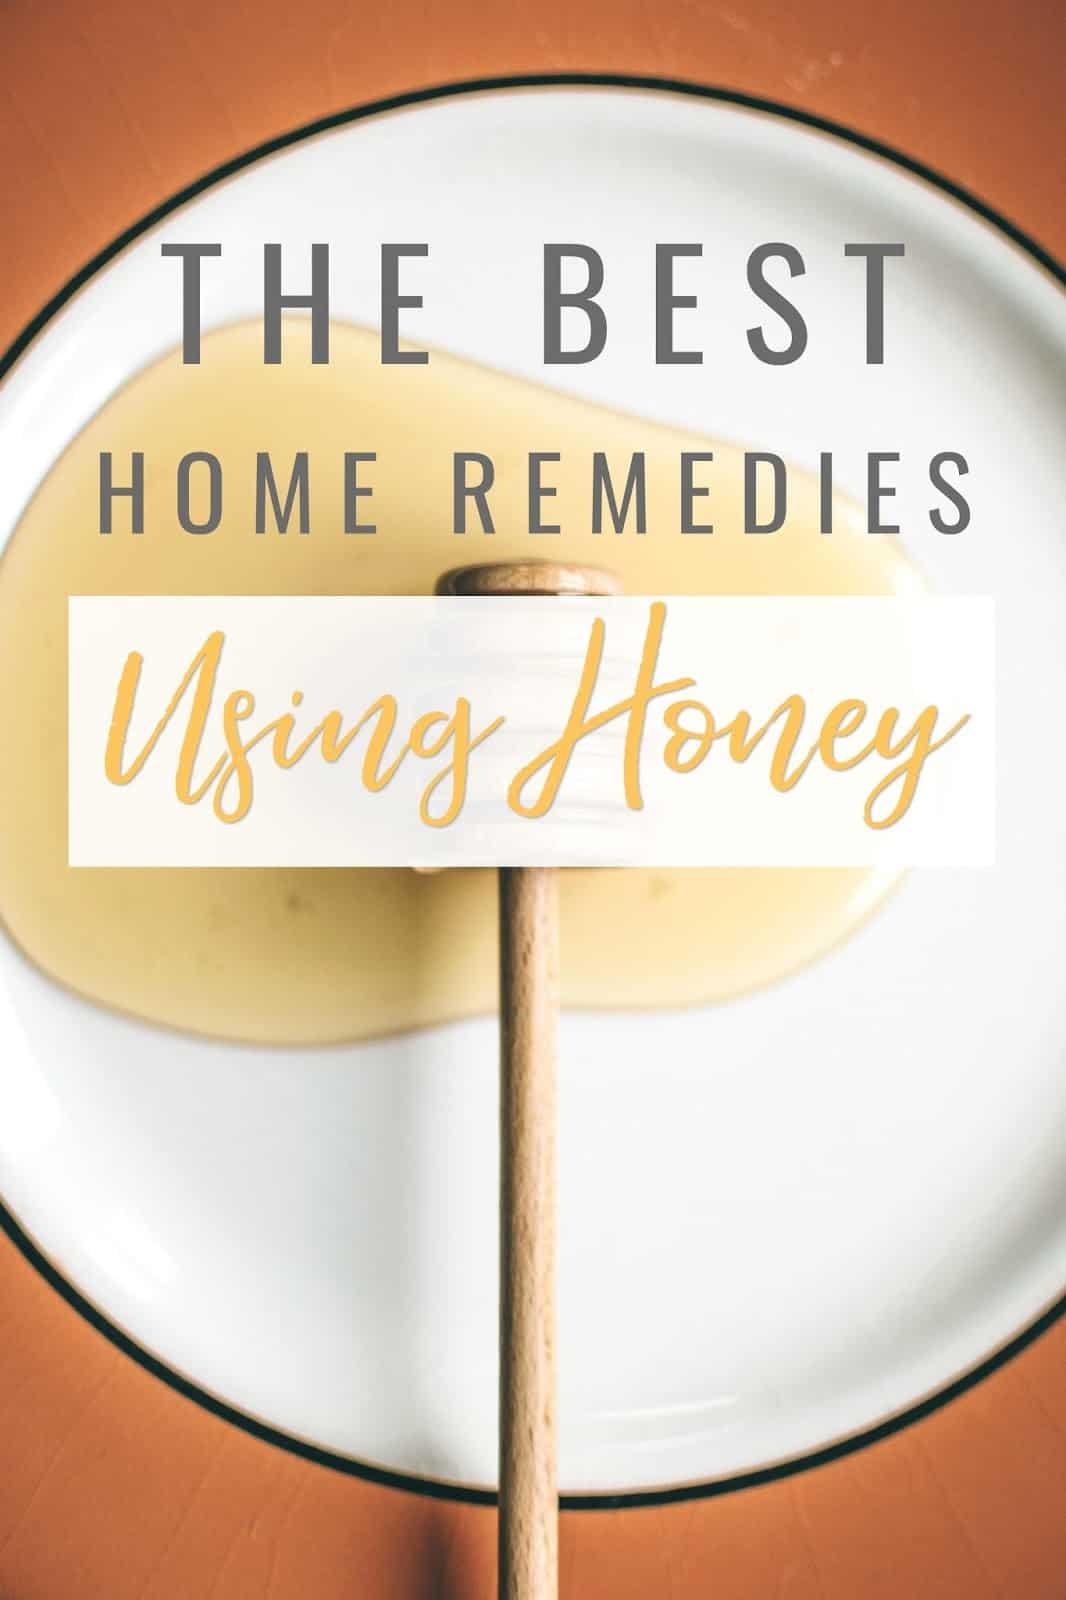 Honey health benefits. Benefits of raw honey. Home remedies using honey healing properties.